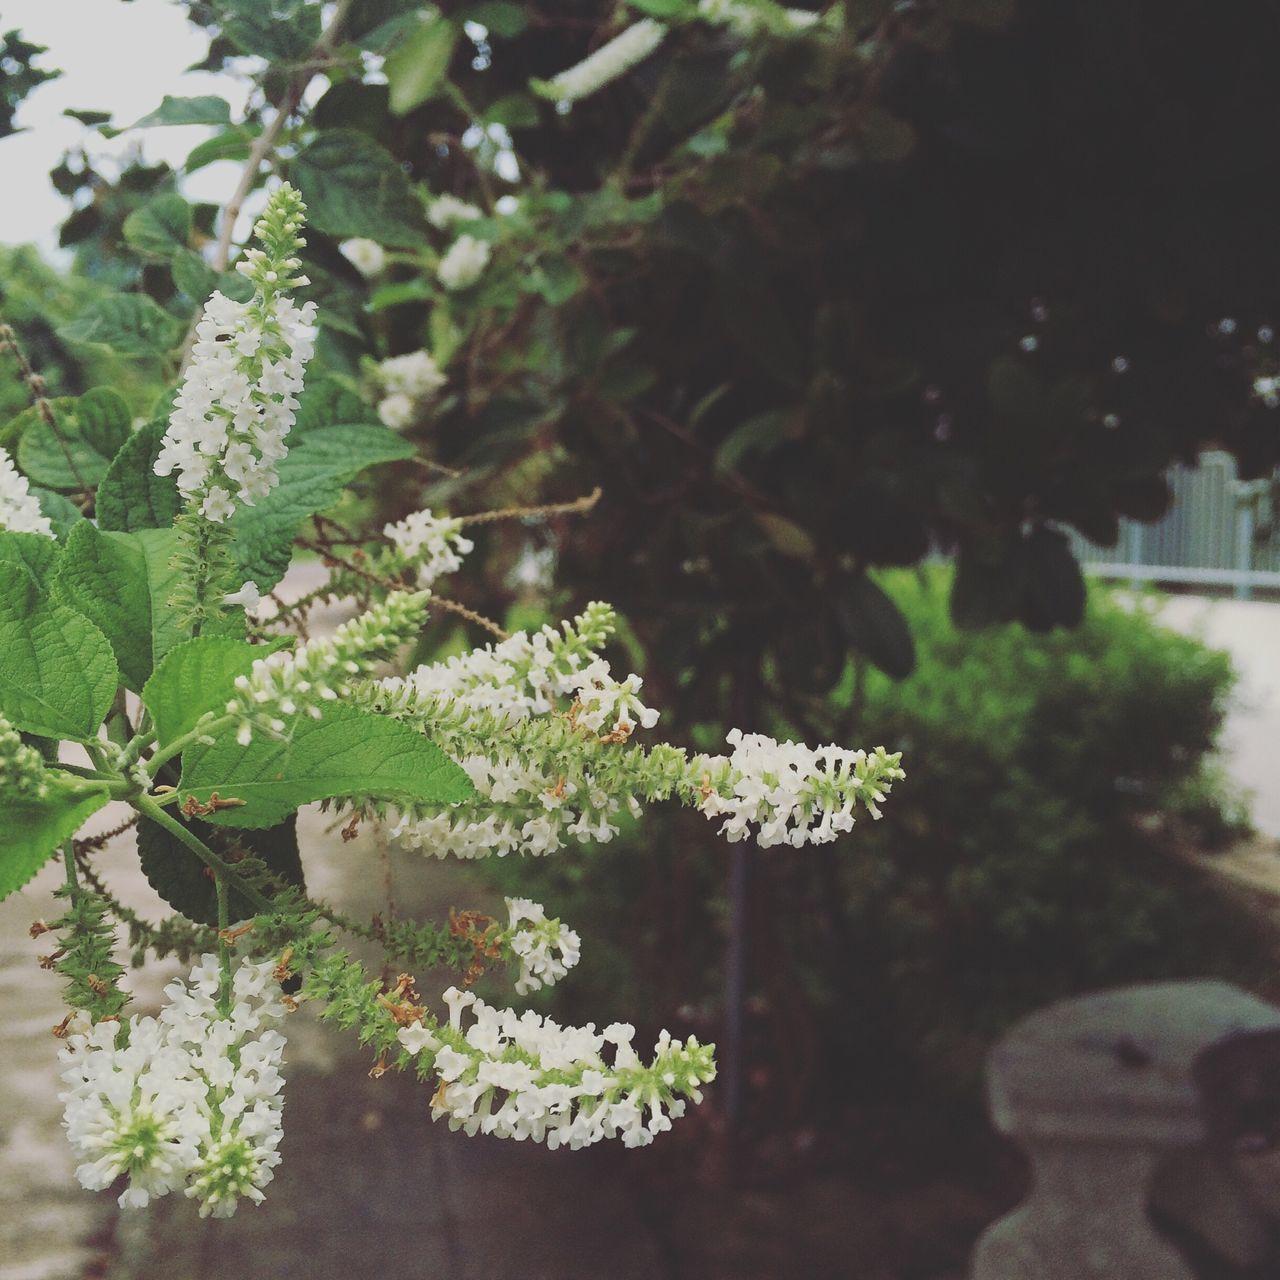 ดอกไม้ข้างทาง...แต่มีกลิ่นหอม ดอกรสสุคนธ์ Photo by : TAE Camera : iPhone 5s Date : 10-9-15 Location : Nakhonpathom,Thailand